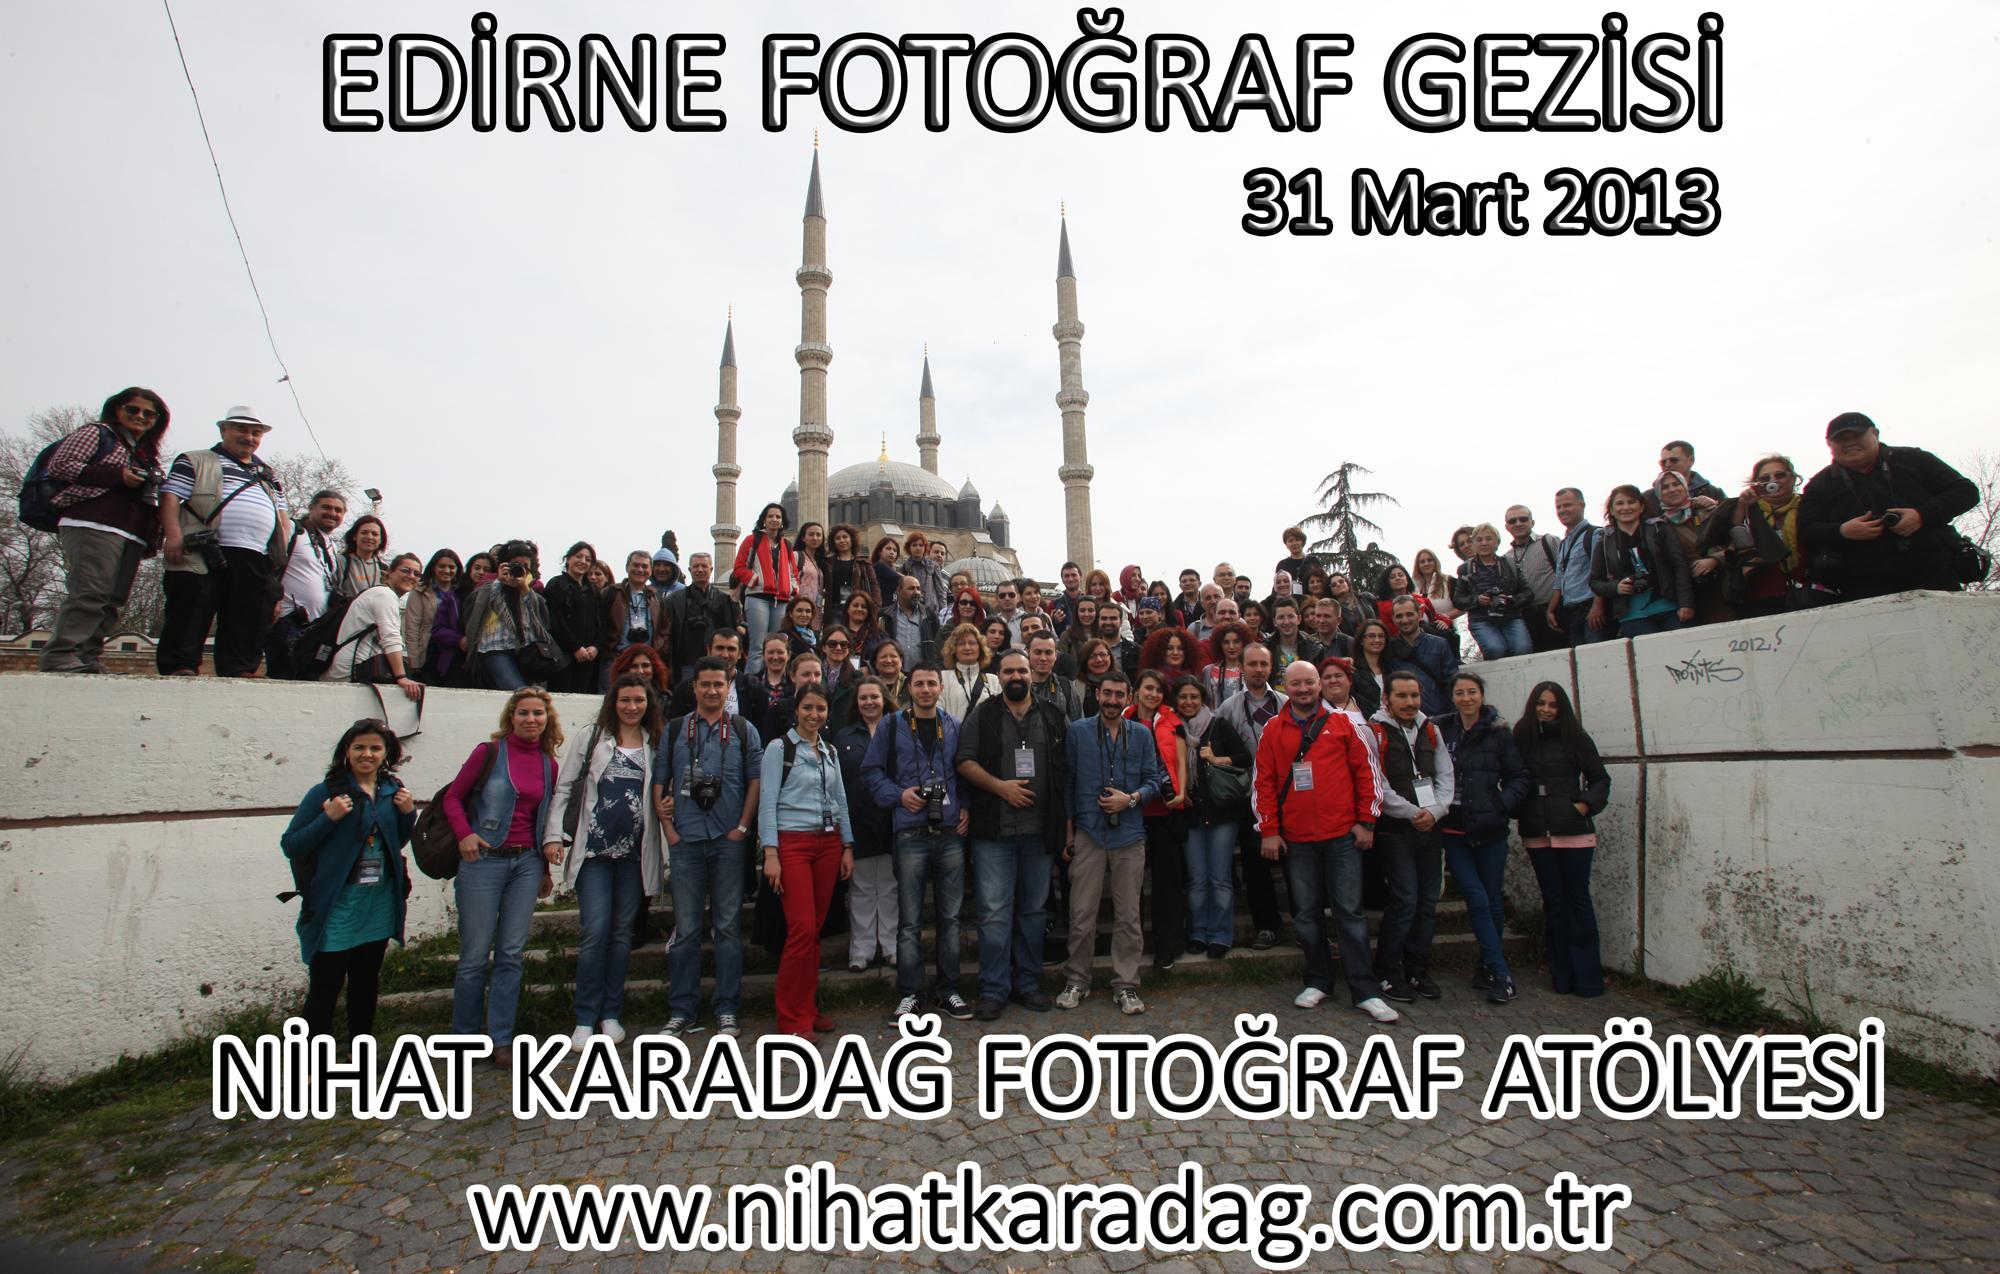 EDİRNE FOTOĞRAF GEZİSİ FOTOĞRAFLARIMIZ